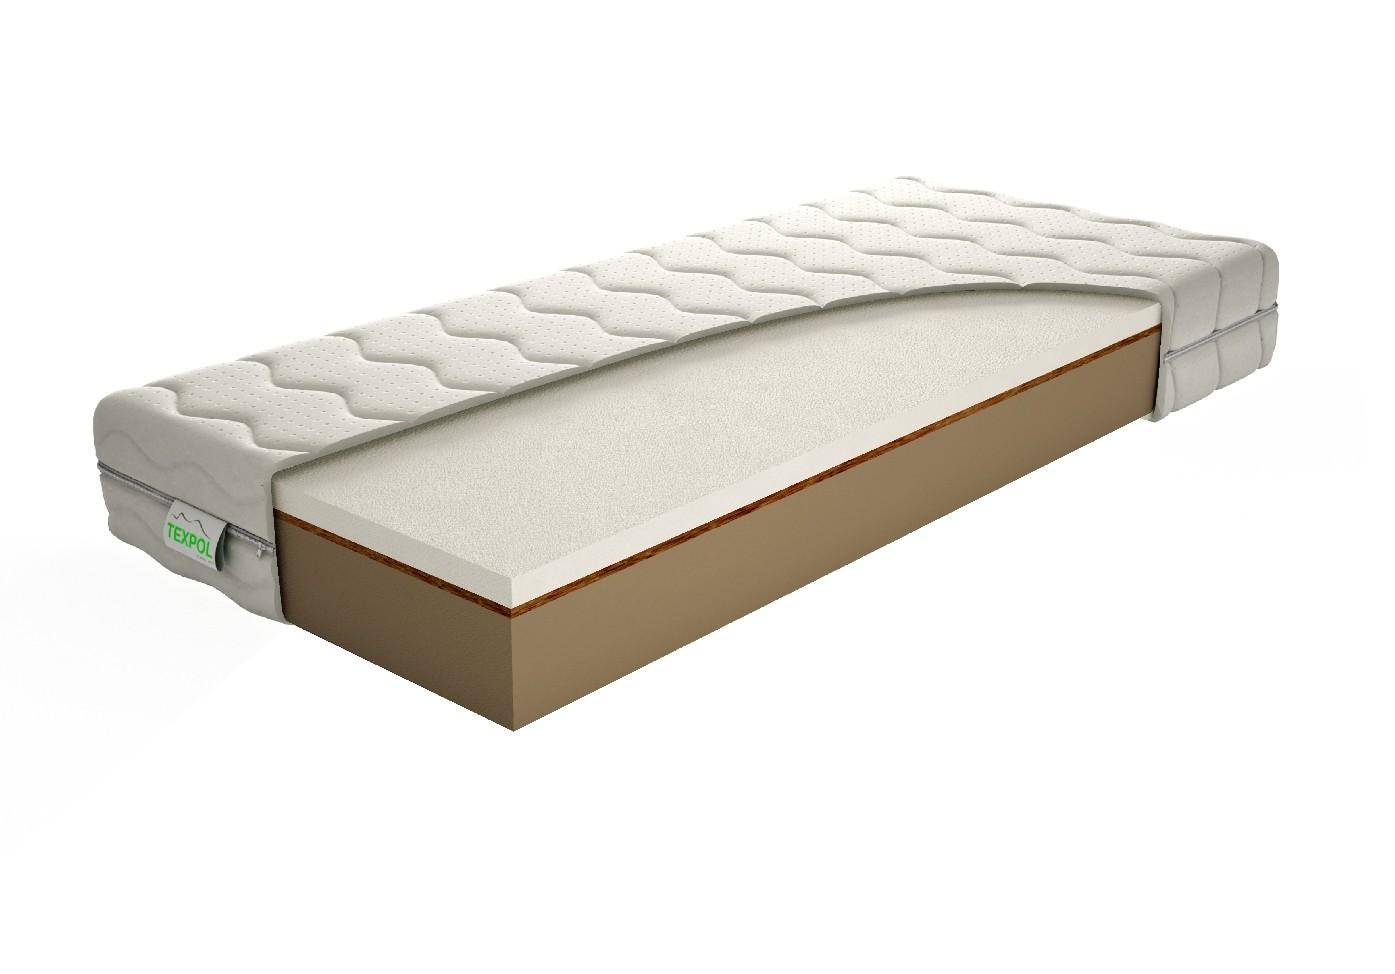 Texpol PEGAS PLUS - pamäťový matrac s konským vlásiom 85 x 200 cm, snímateľný poťah